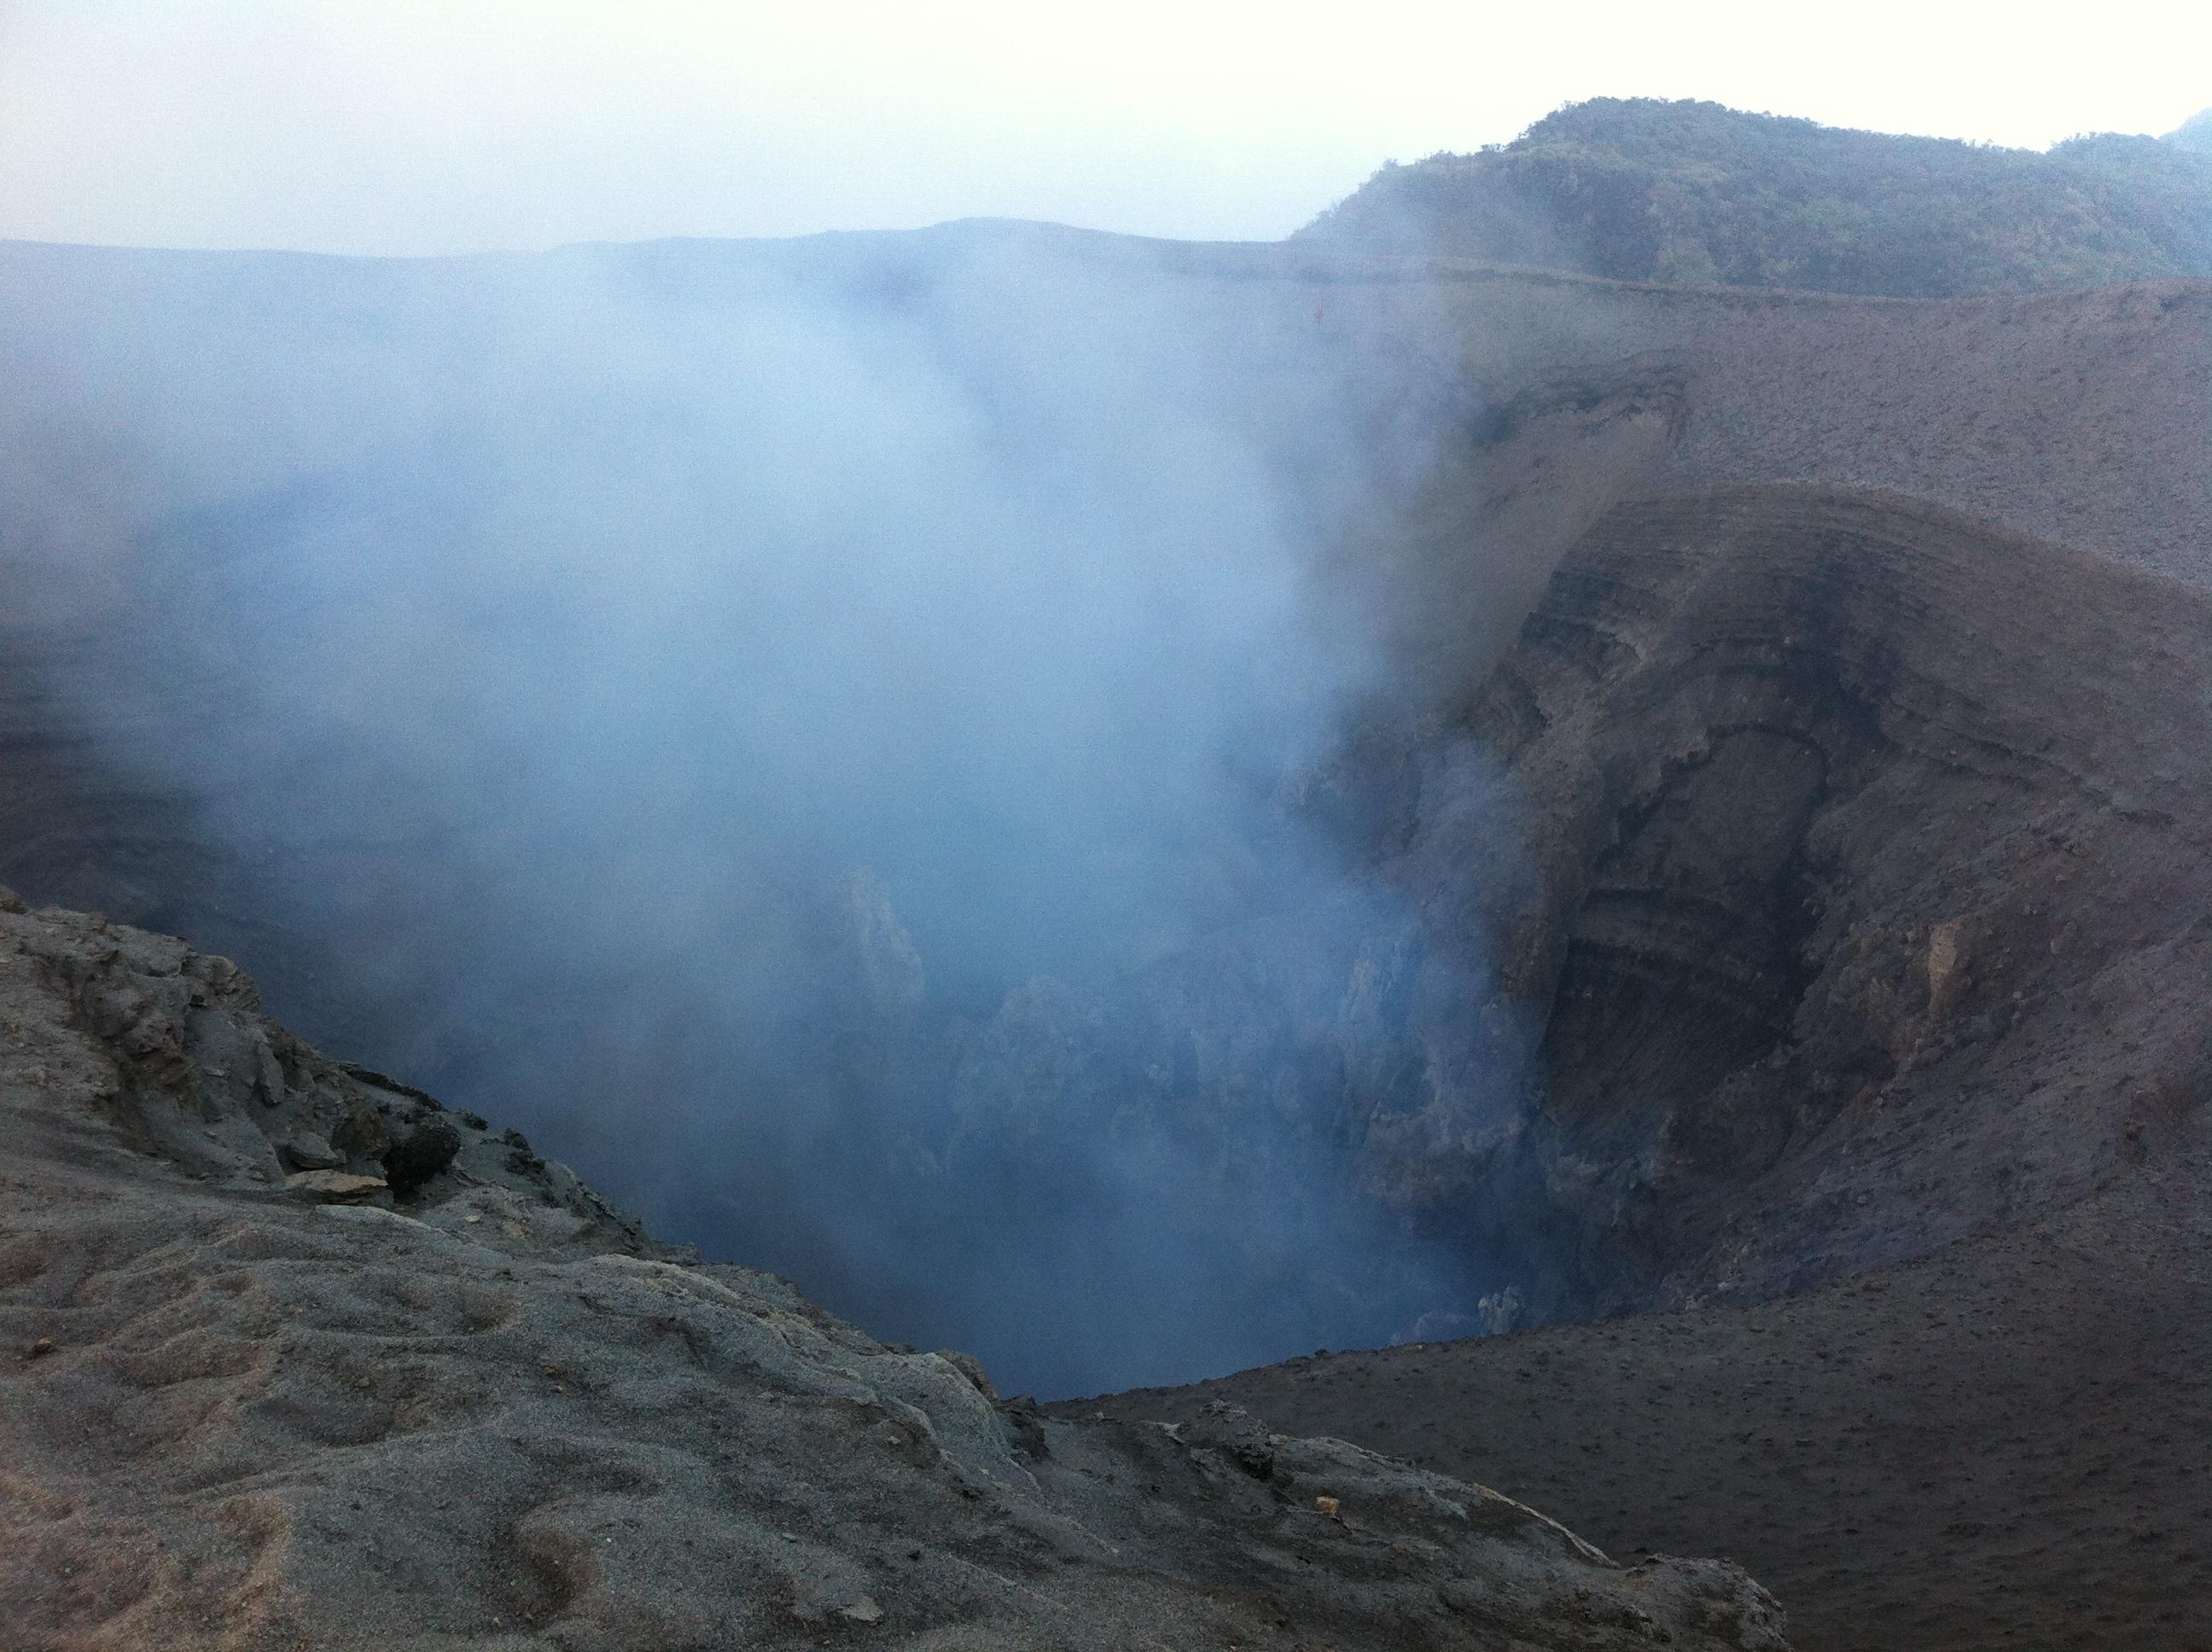 Yvonderweg - Vanzelf gaat het niet - Krater